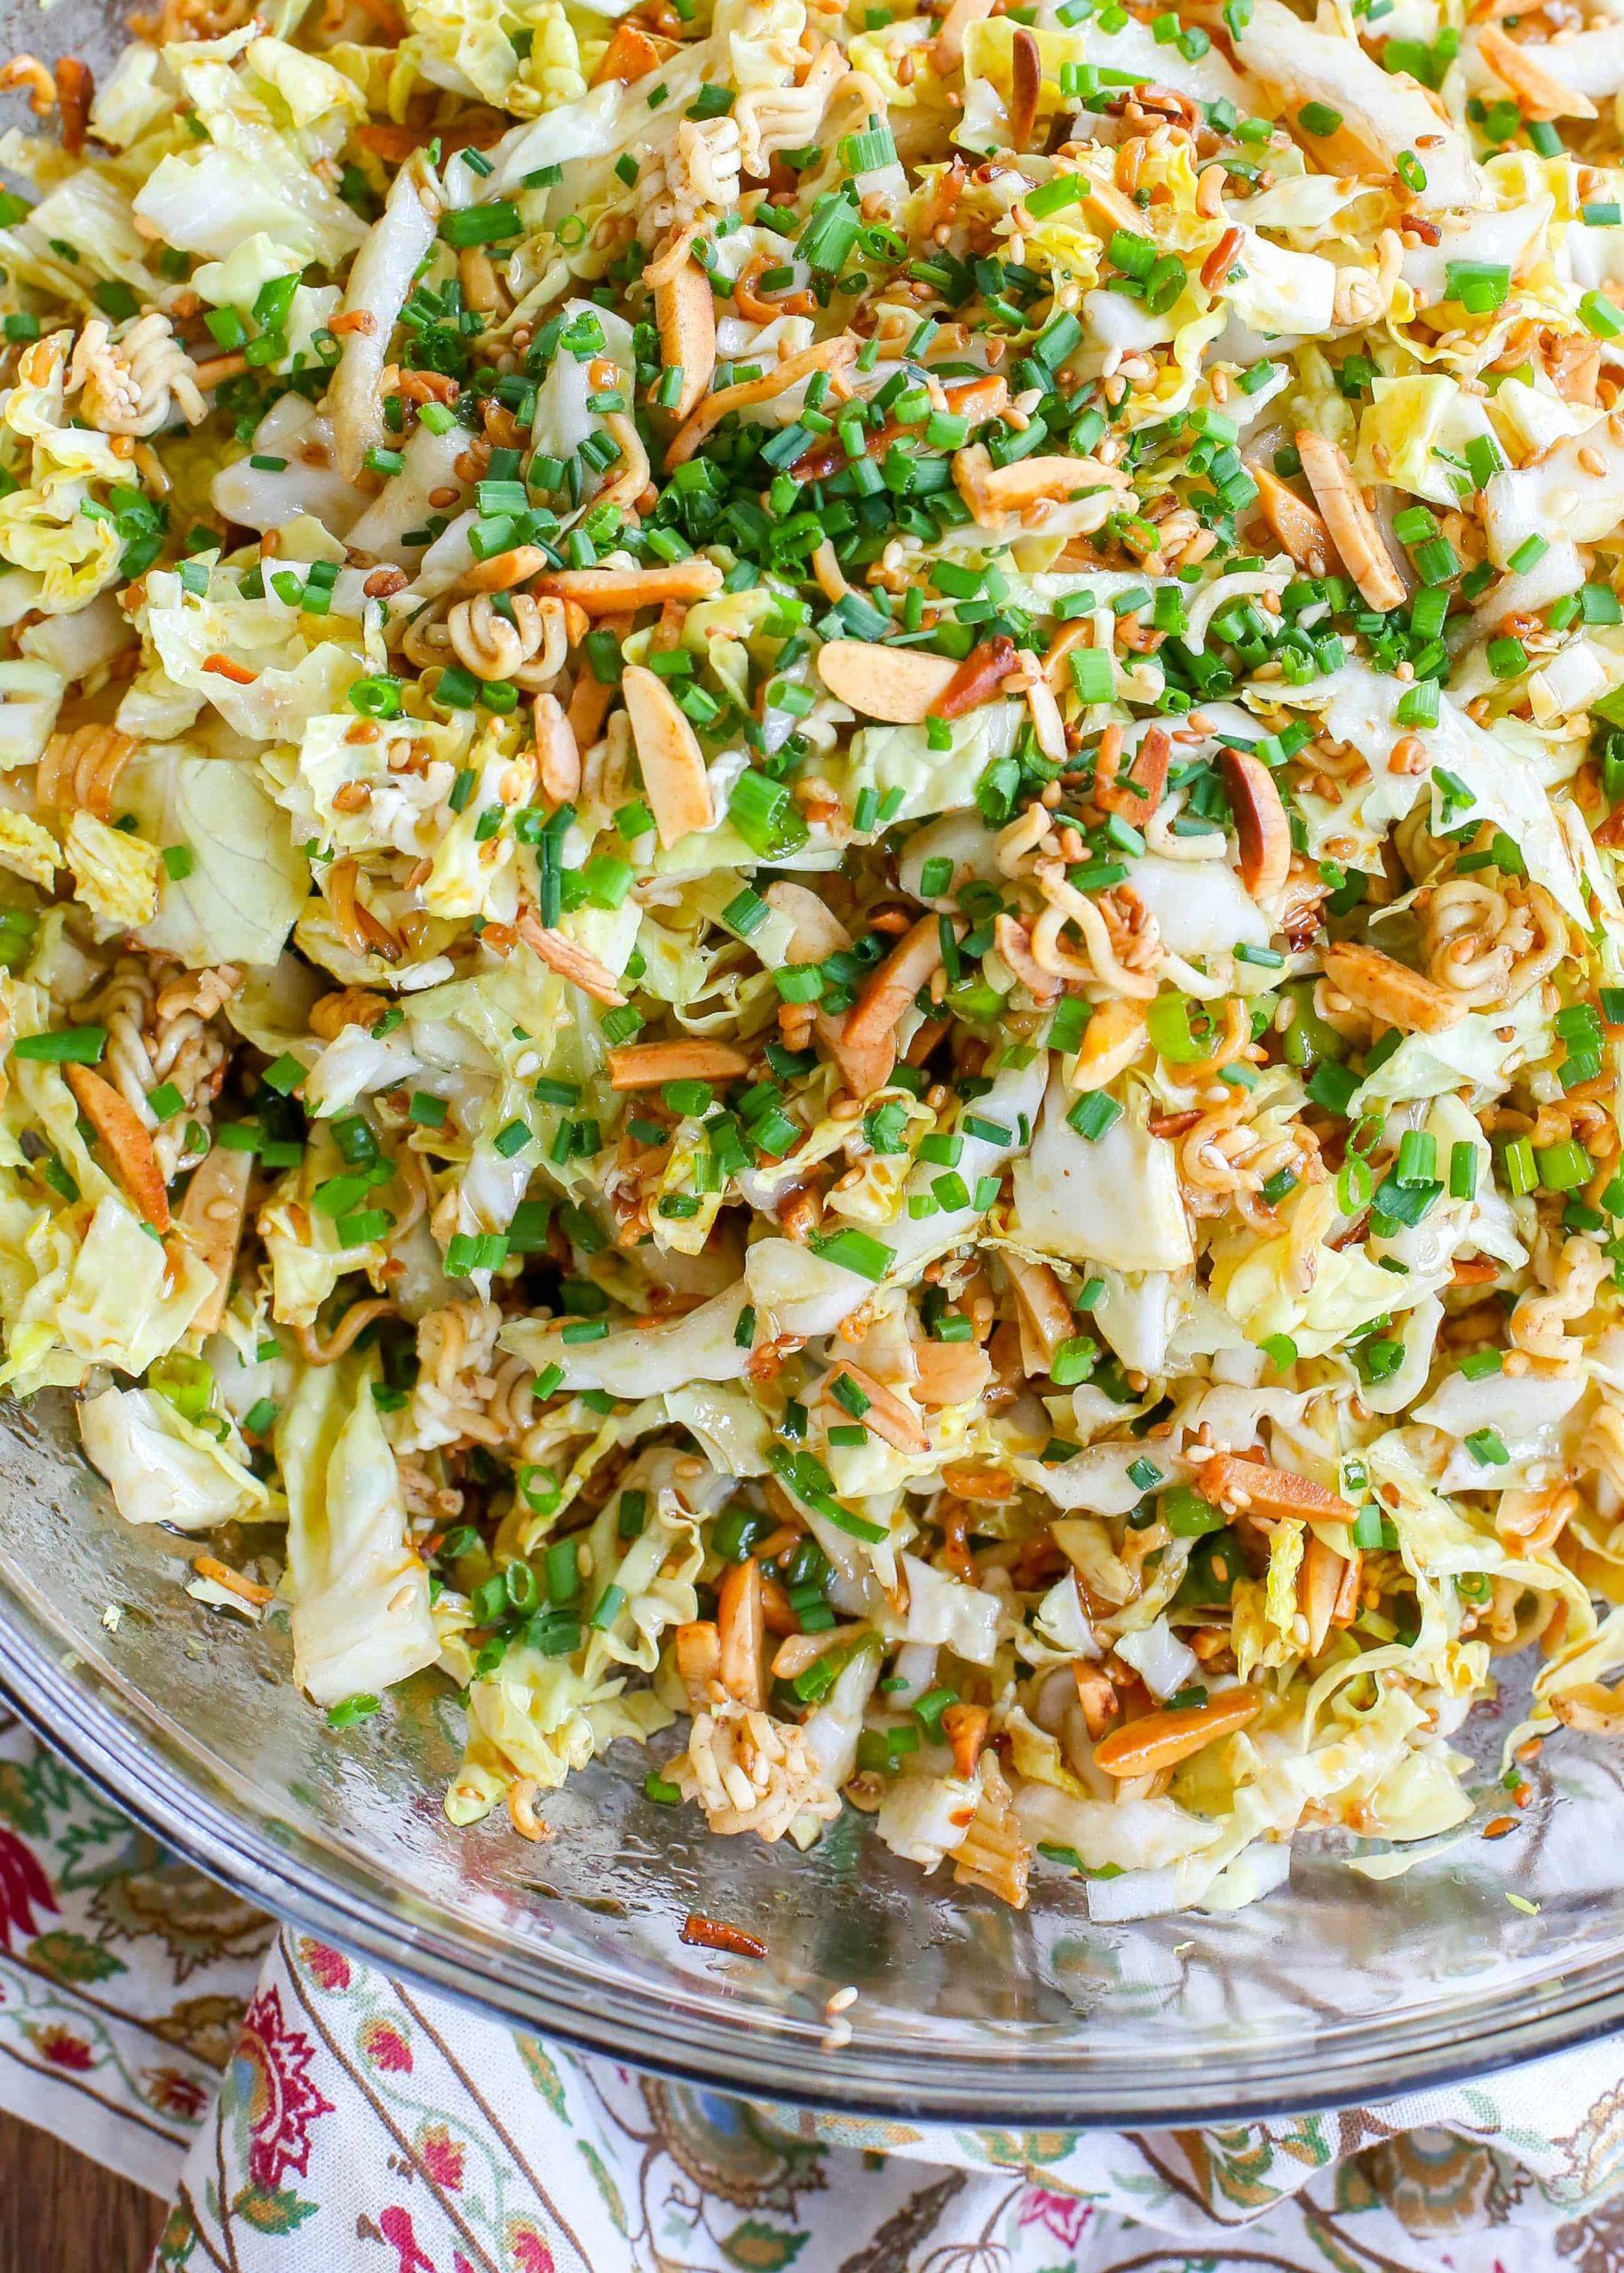 Salads With Ramen Noodles  The BEST Ramen Noodle Salad